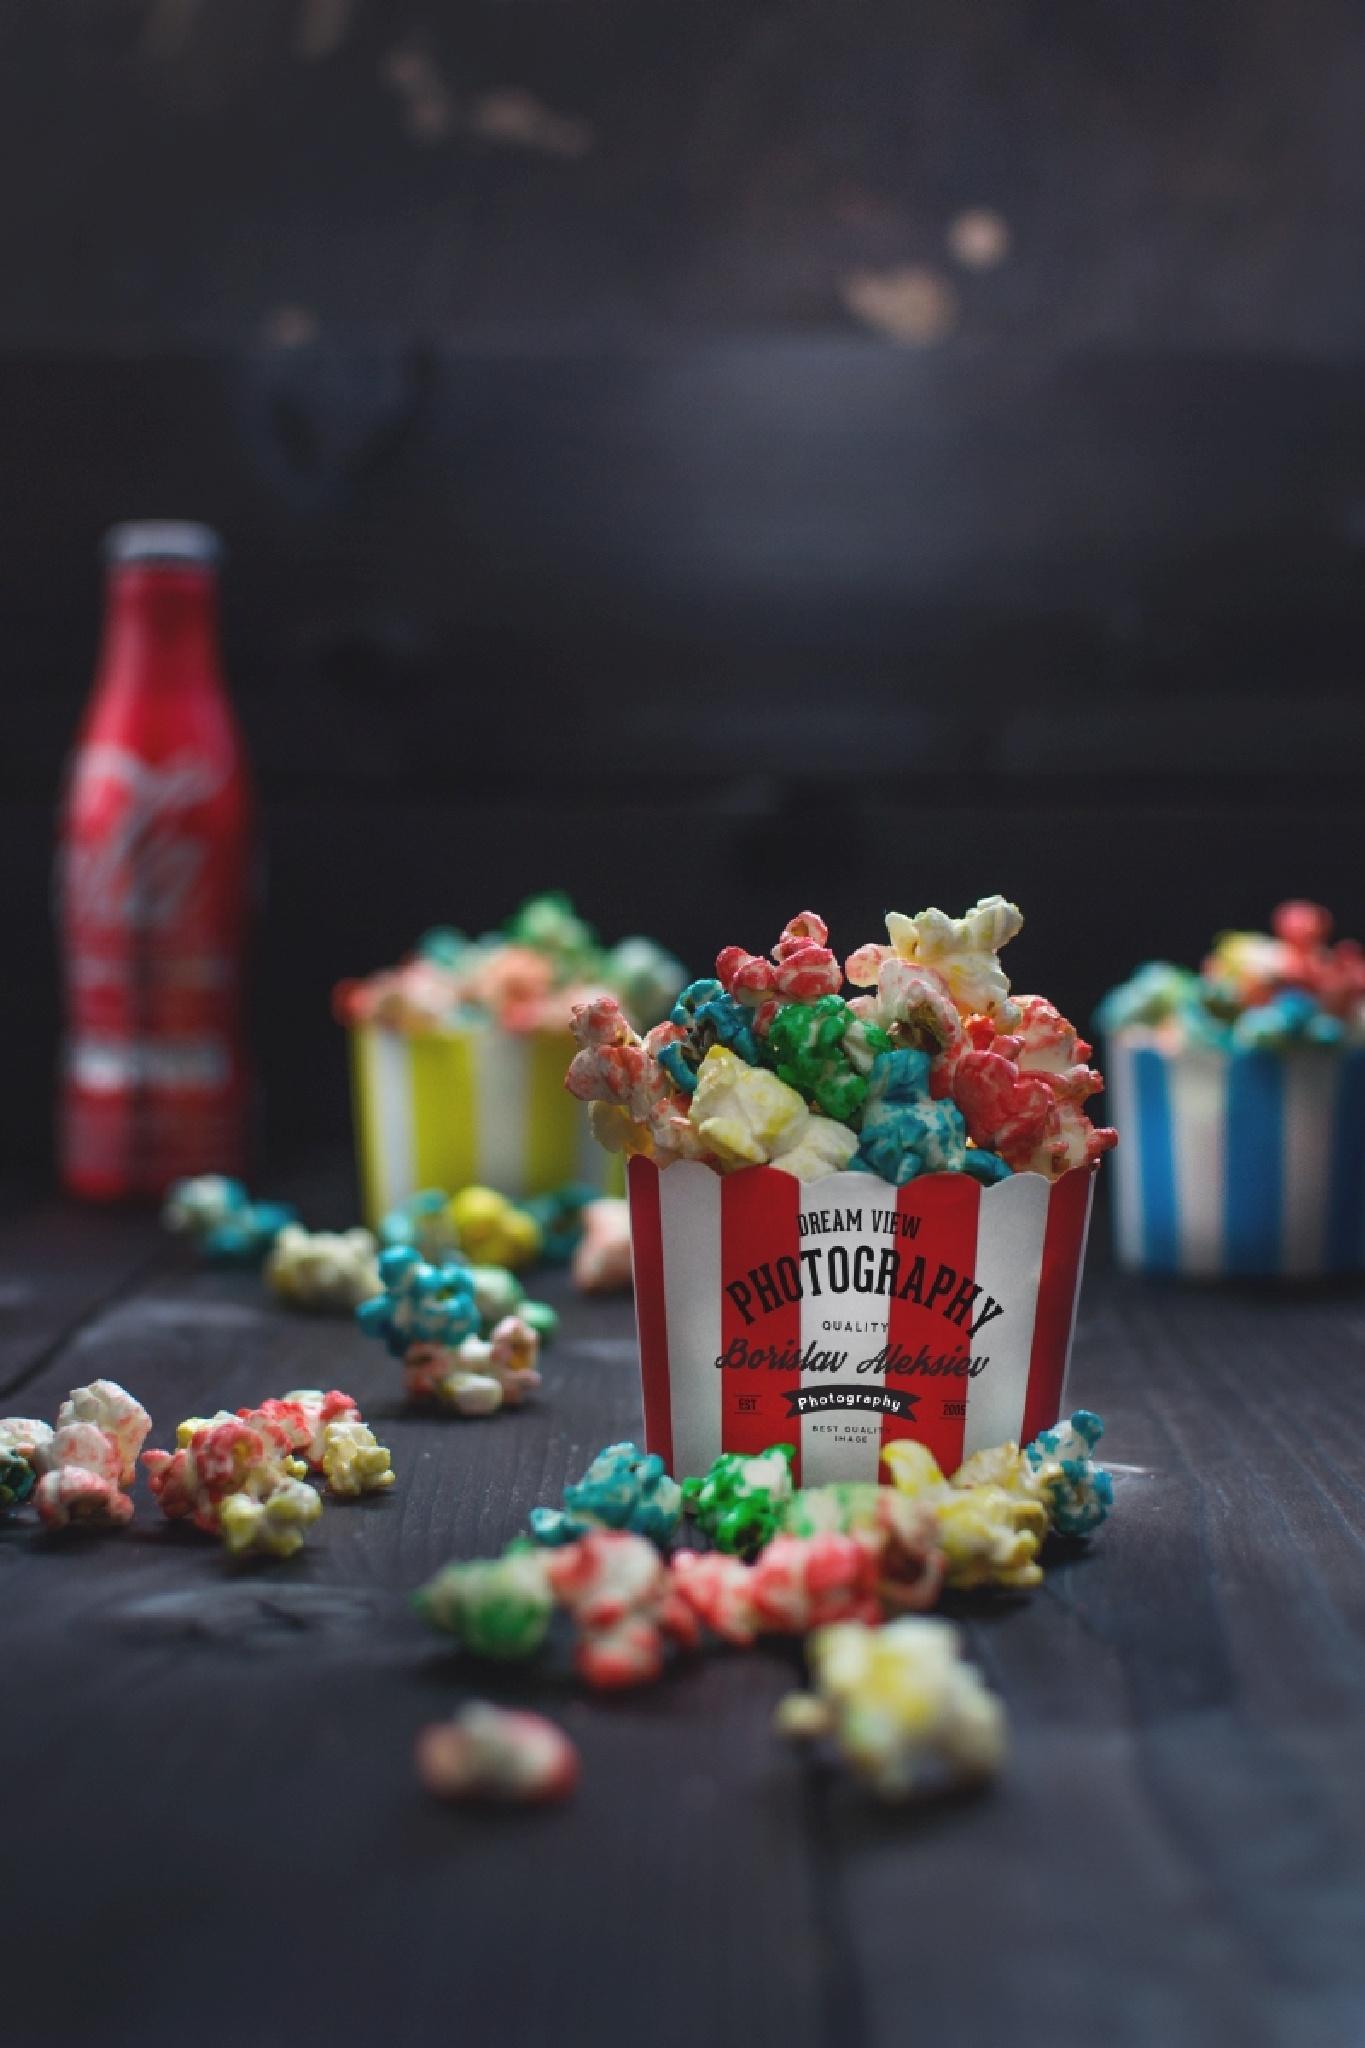 Popcorn time by Borislav Aleksiev